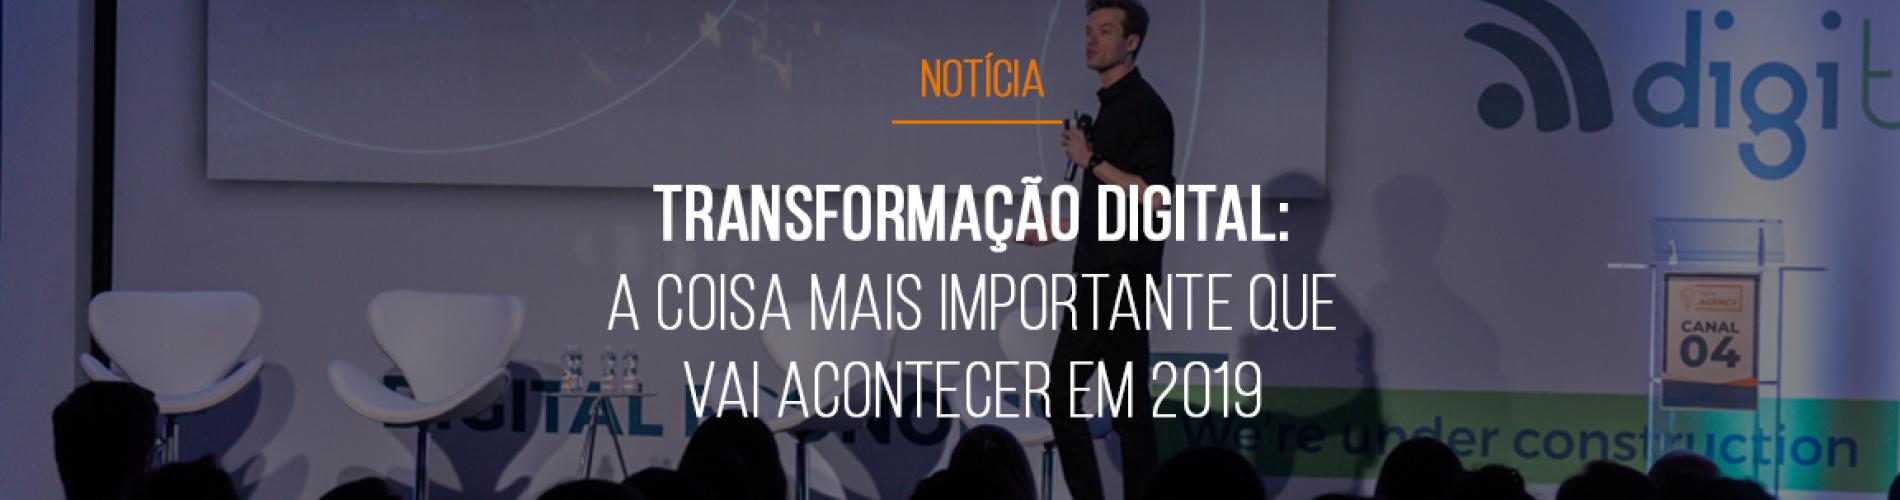 forum-mestre-gp-2019-transformacao-digital-a-coisa-mais-importante-que-vai-acontecer-em-2019